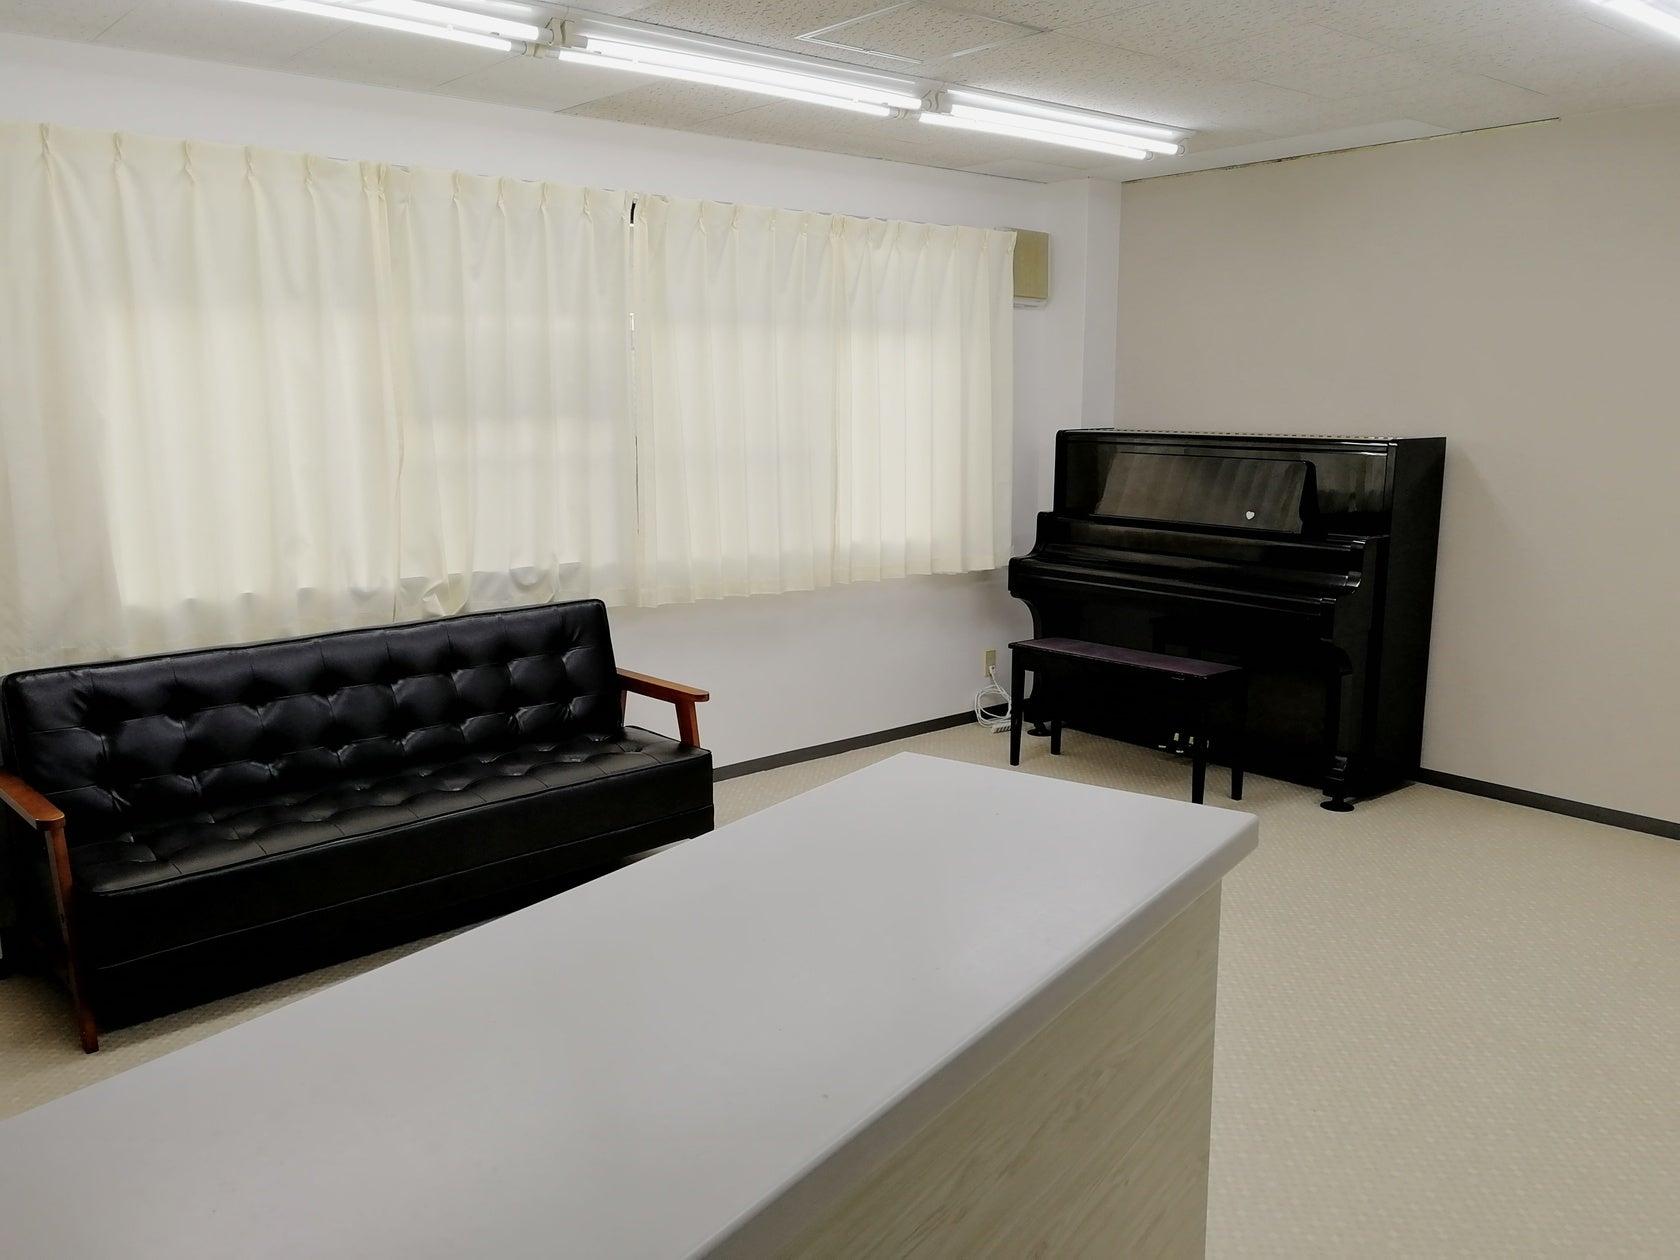 アップライトピアノ、窓に大きなホワイトボード有り!少人数でのご利用に最適。(レンタルスペースMontblanc (モンブラン)3F-A) の写真0